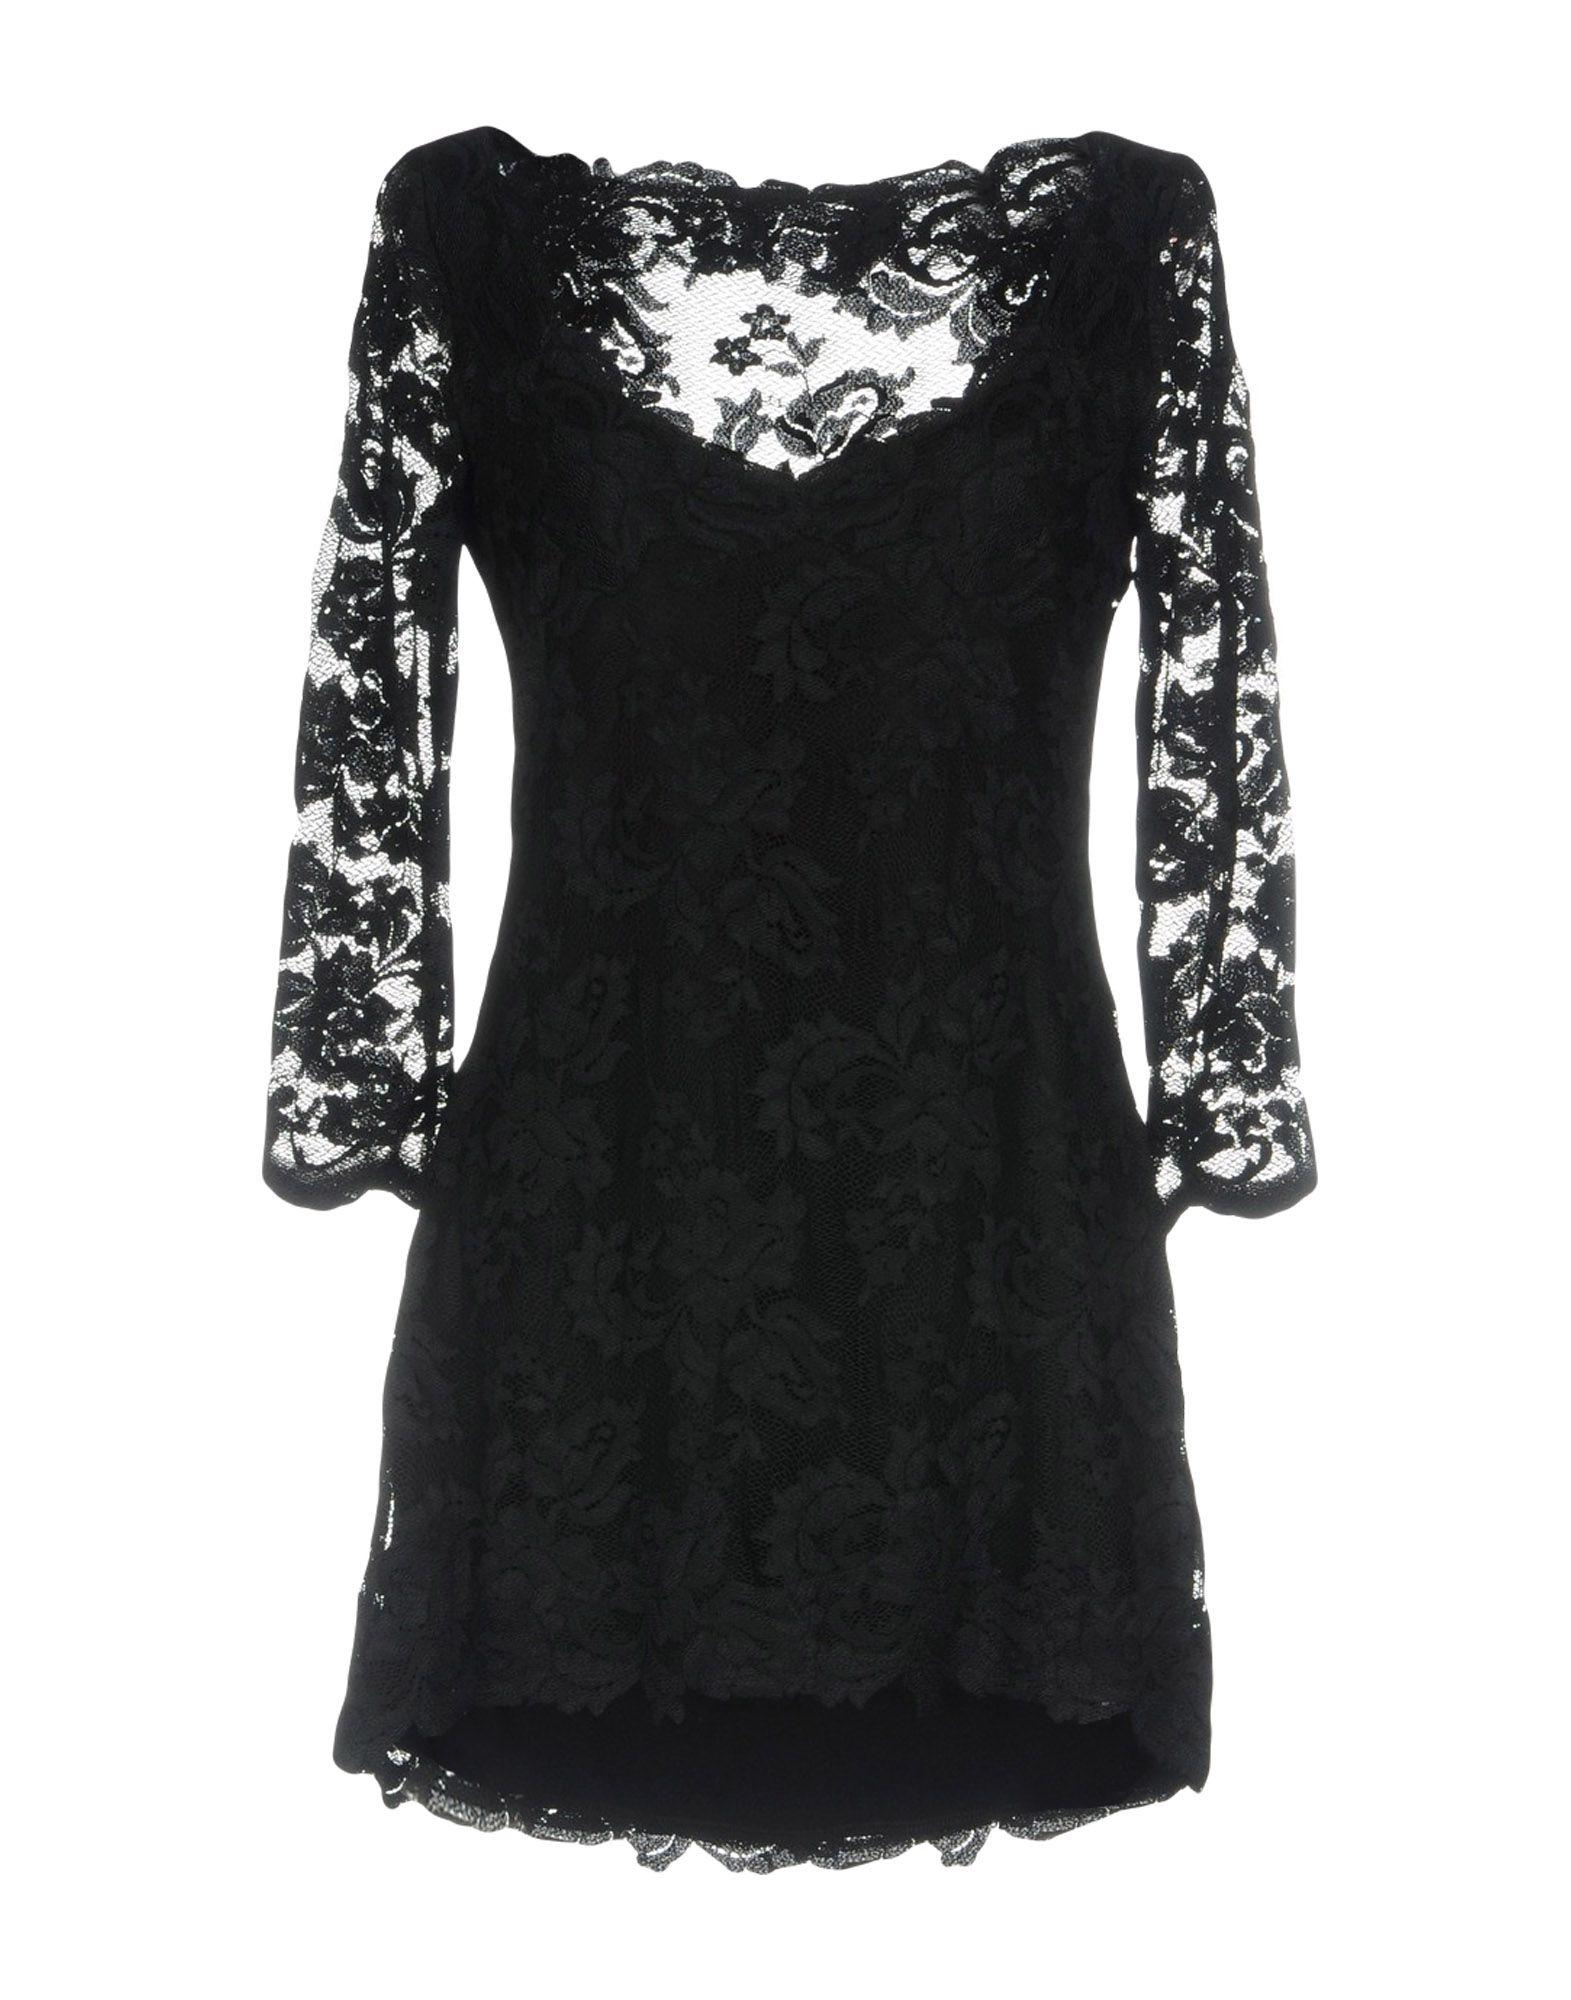 OLVI S Short Dress in Black